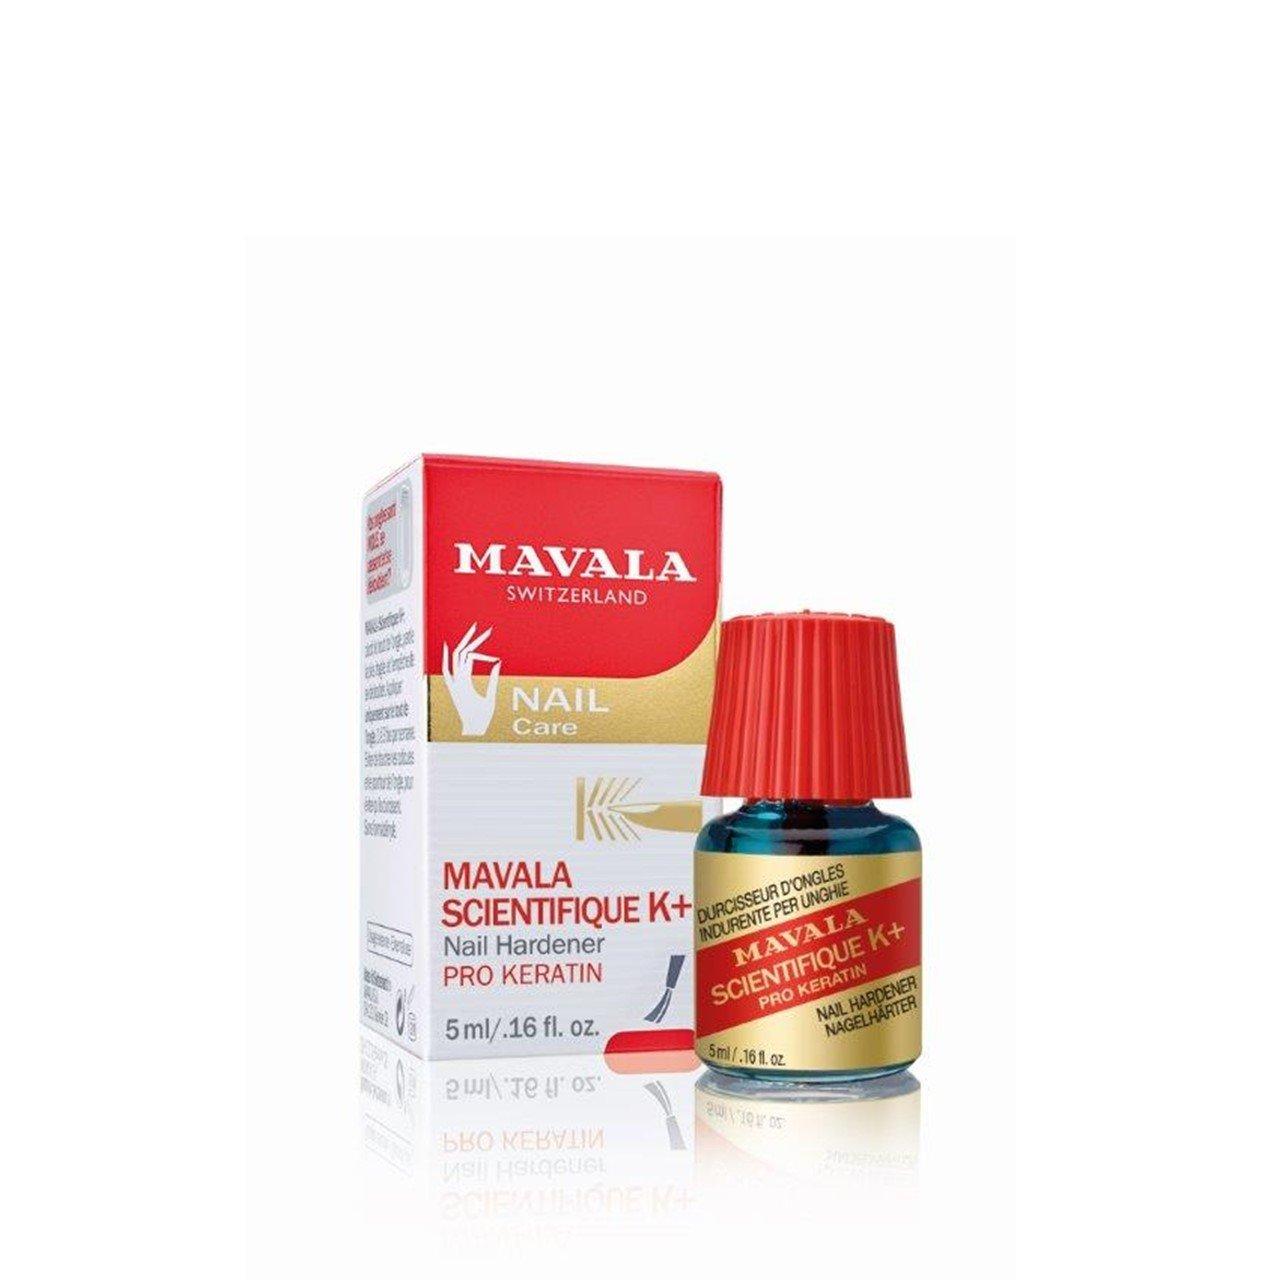 mavala-scientifique-k-nail-hardener-5ml